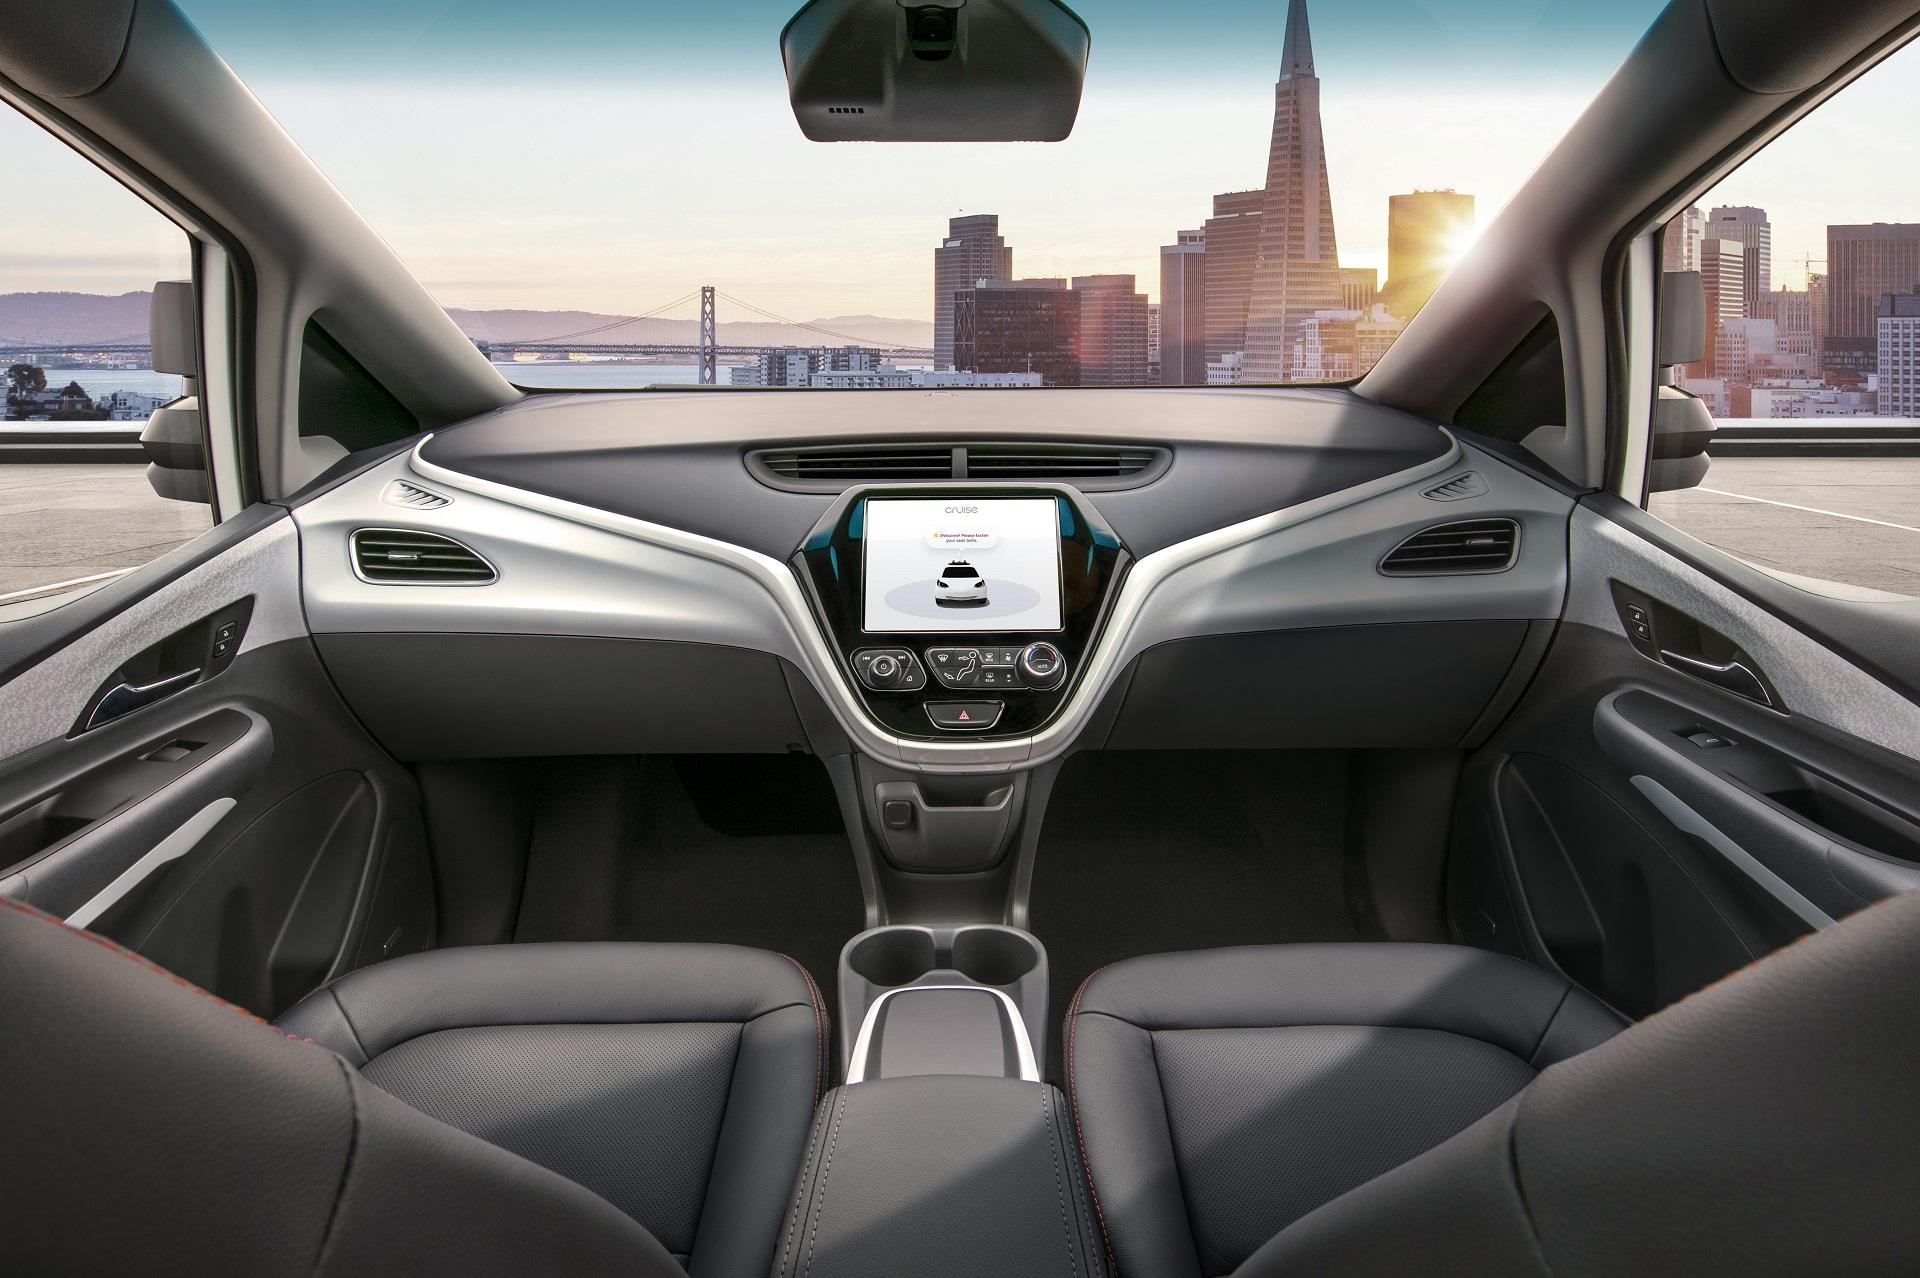 Cruise AV GMs Autonomous Electric Bolt EV To Go Into